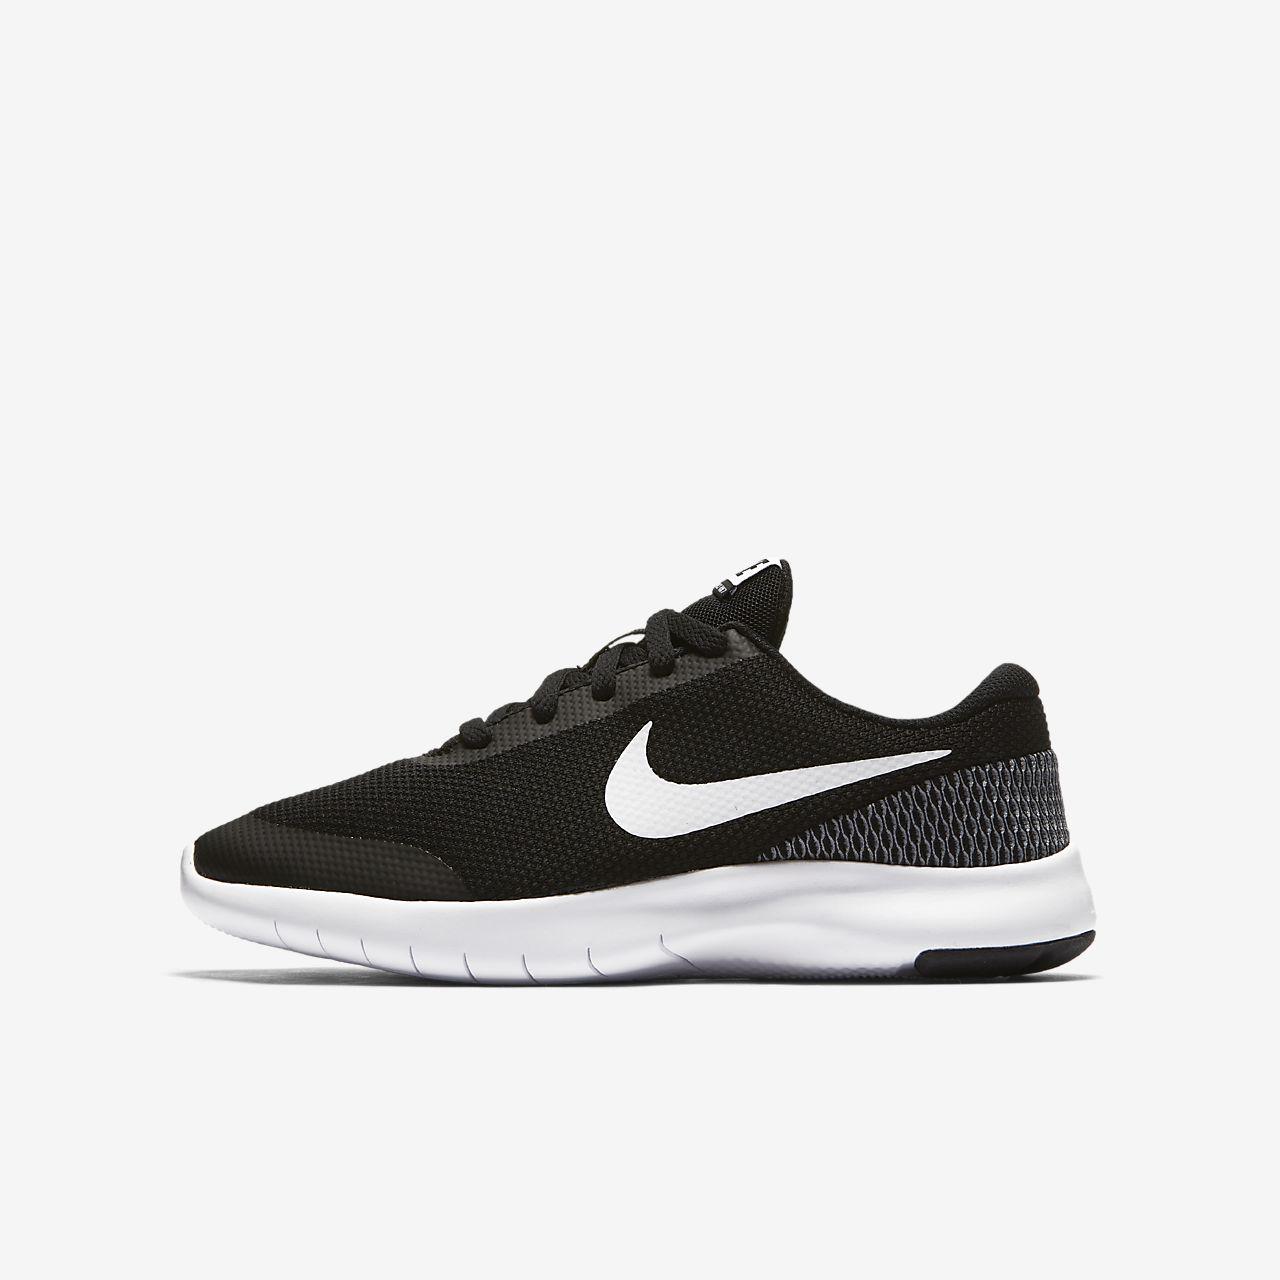 Παπούτσι για τρέξιμο Nike Flex Experience Run 7 για μεγάλα παιδιά